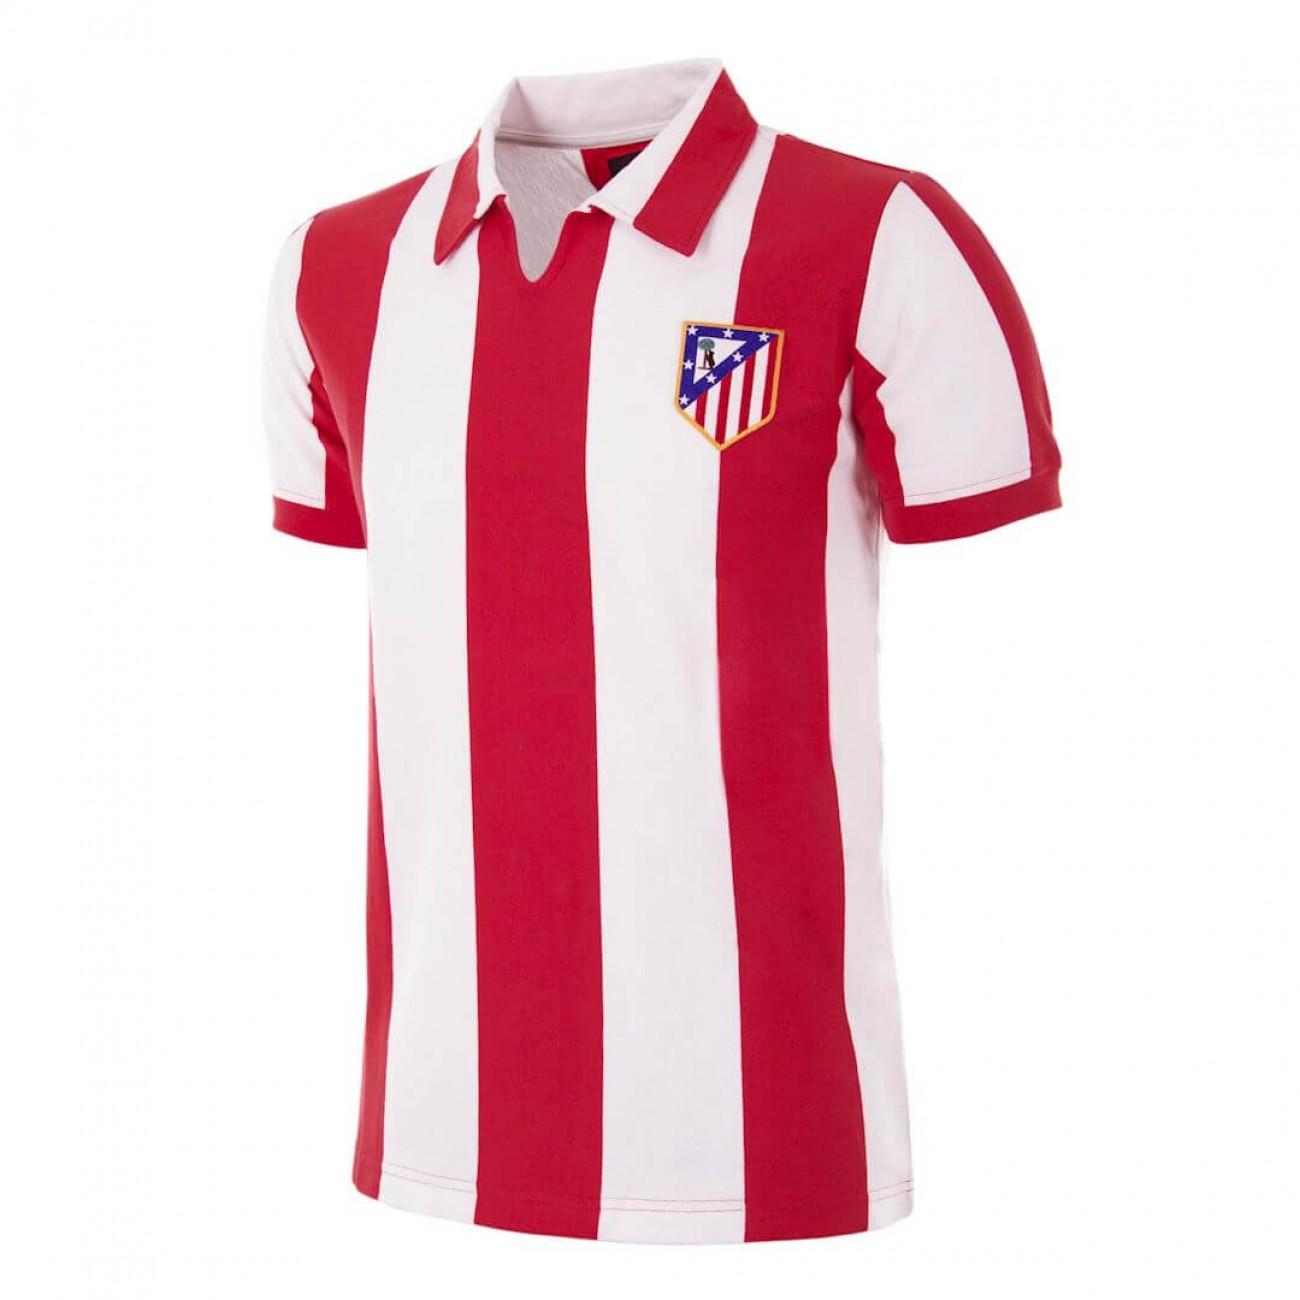 Camiseta Atletico Madrid 1970-71 Luis Aragones